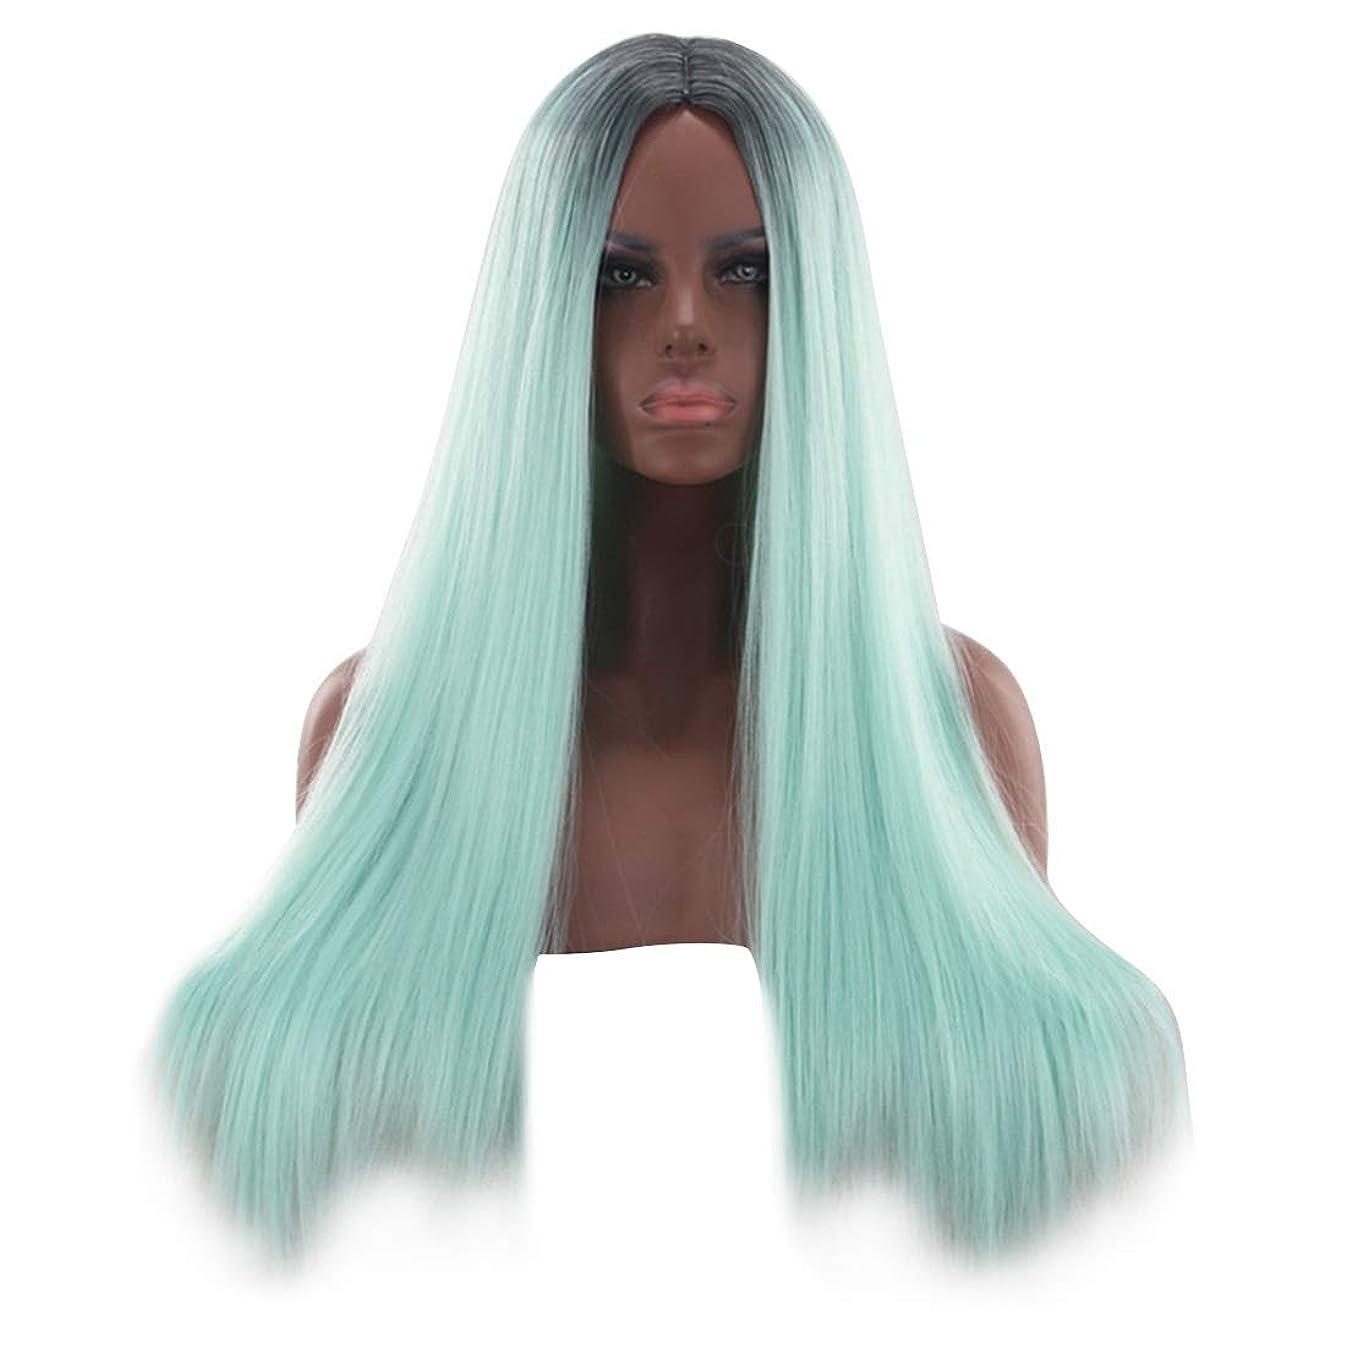 ラケット応答はっきりとYrattary 26インチブロンドグリーンレースフロントウィッグ前髪ロングストレートウィッグ女性用合成かつらウィッグ女性用かつら耐熱ファイバーファッションウィッグ